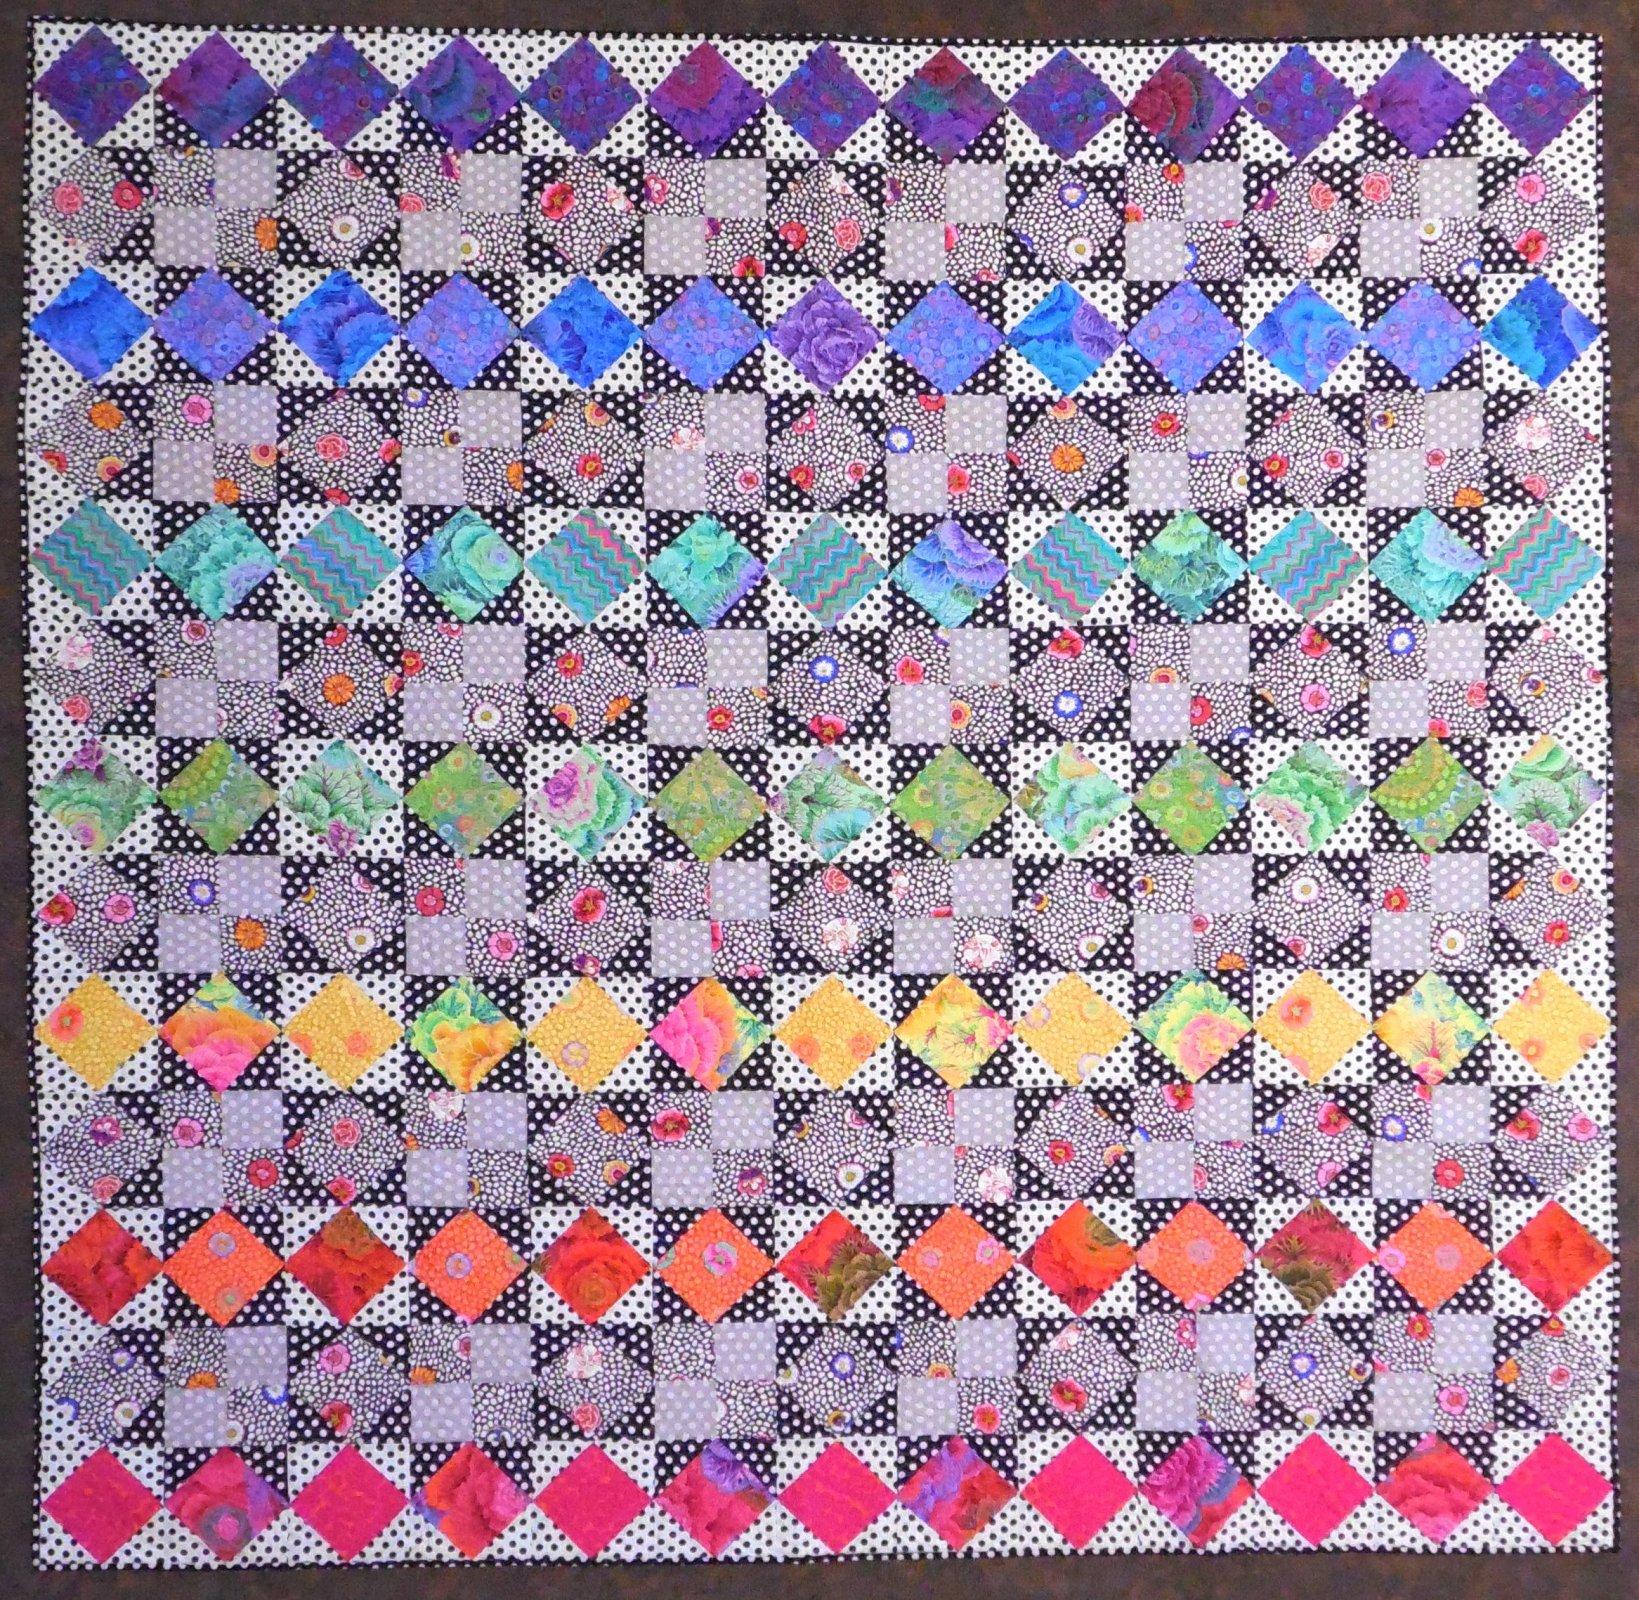 Rainbow Star Quilt Kit 78 x 78 - Round 2